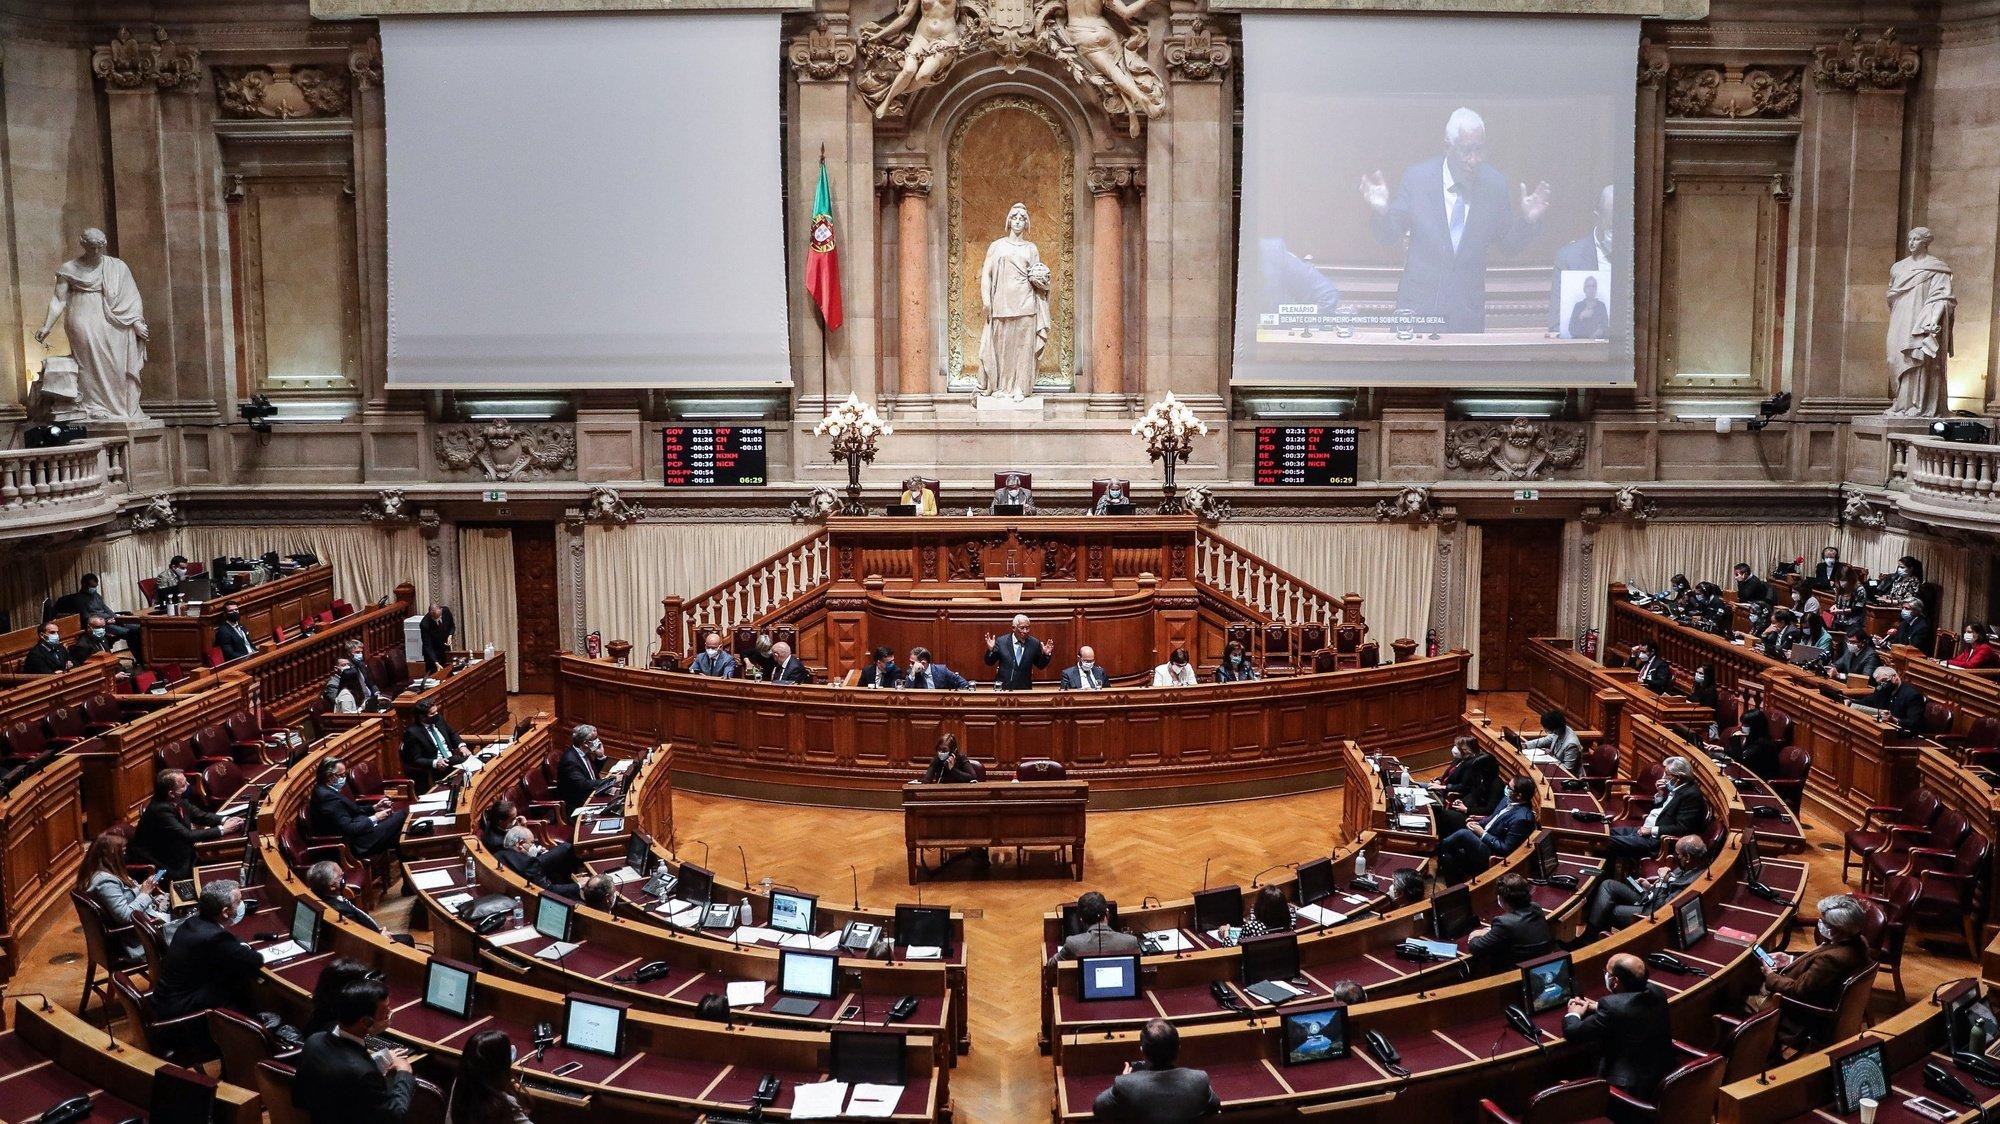 O primeiro-ministro, António Costa (C), participa no debate parlamentar sobre política geral, na Assembleia da República, em Lisboa, 17 de março de 2021. MÁRIO CRUZ/LUSA